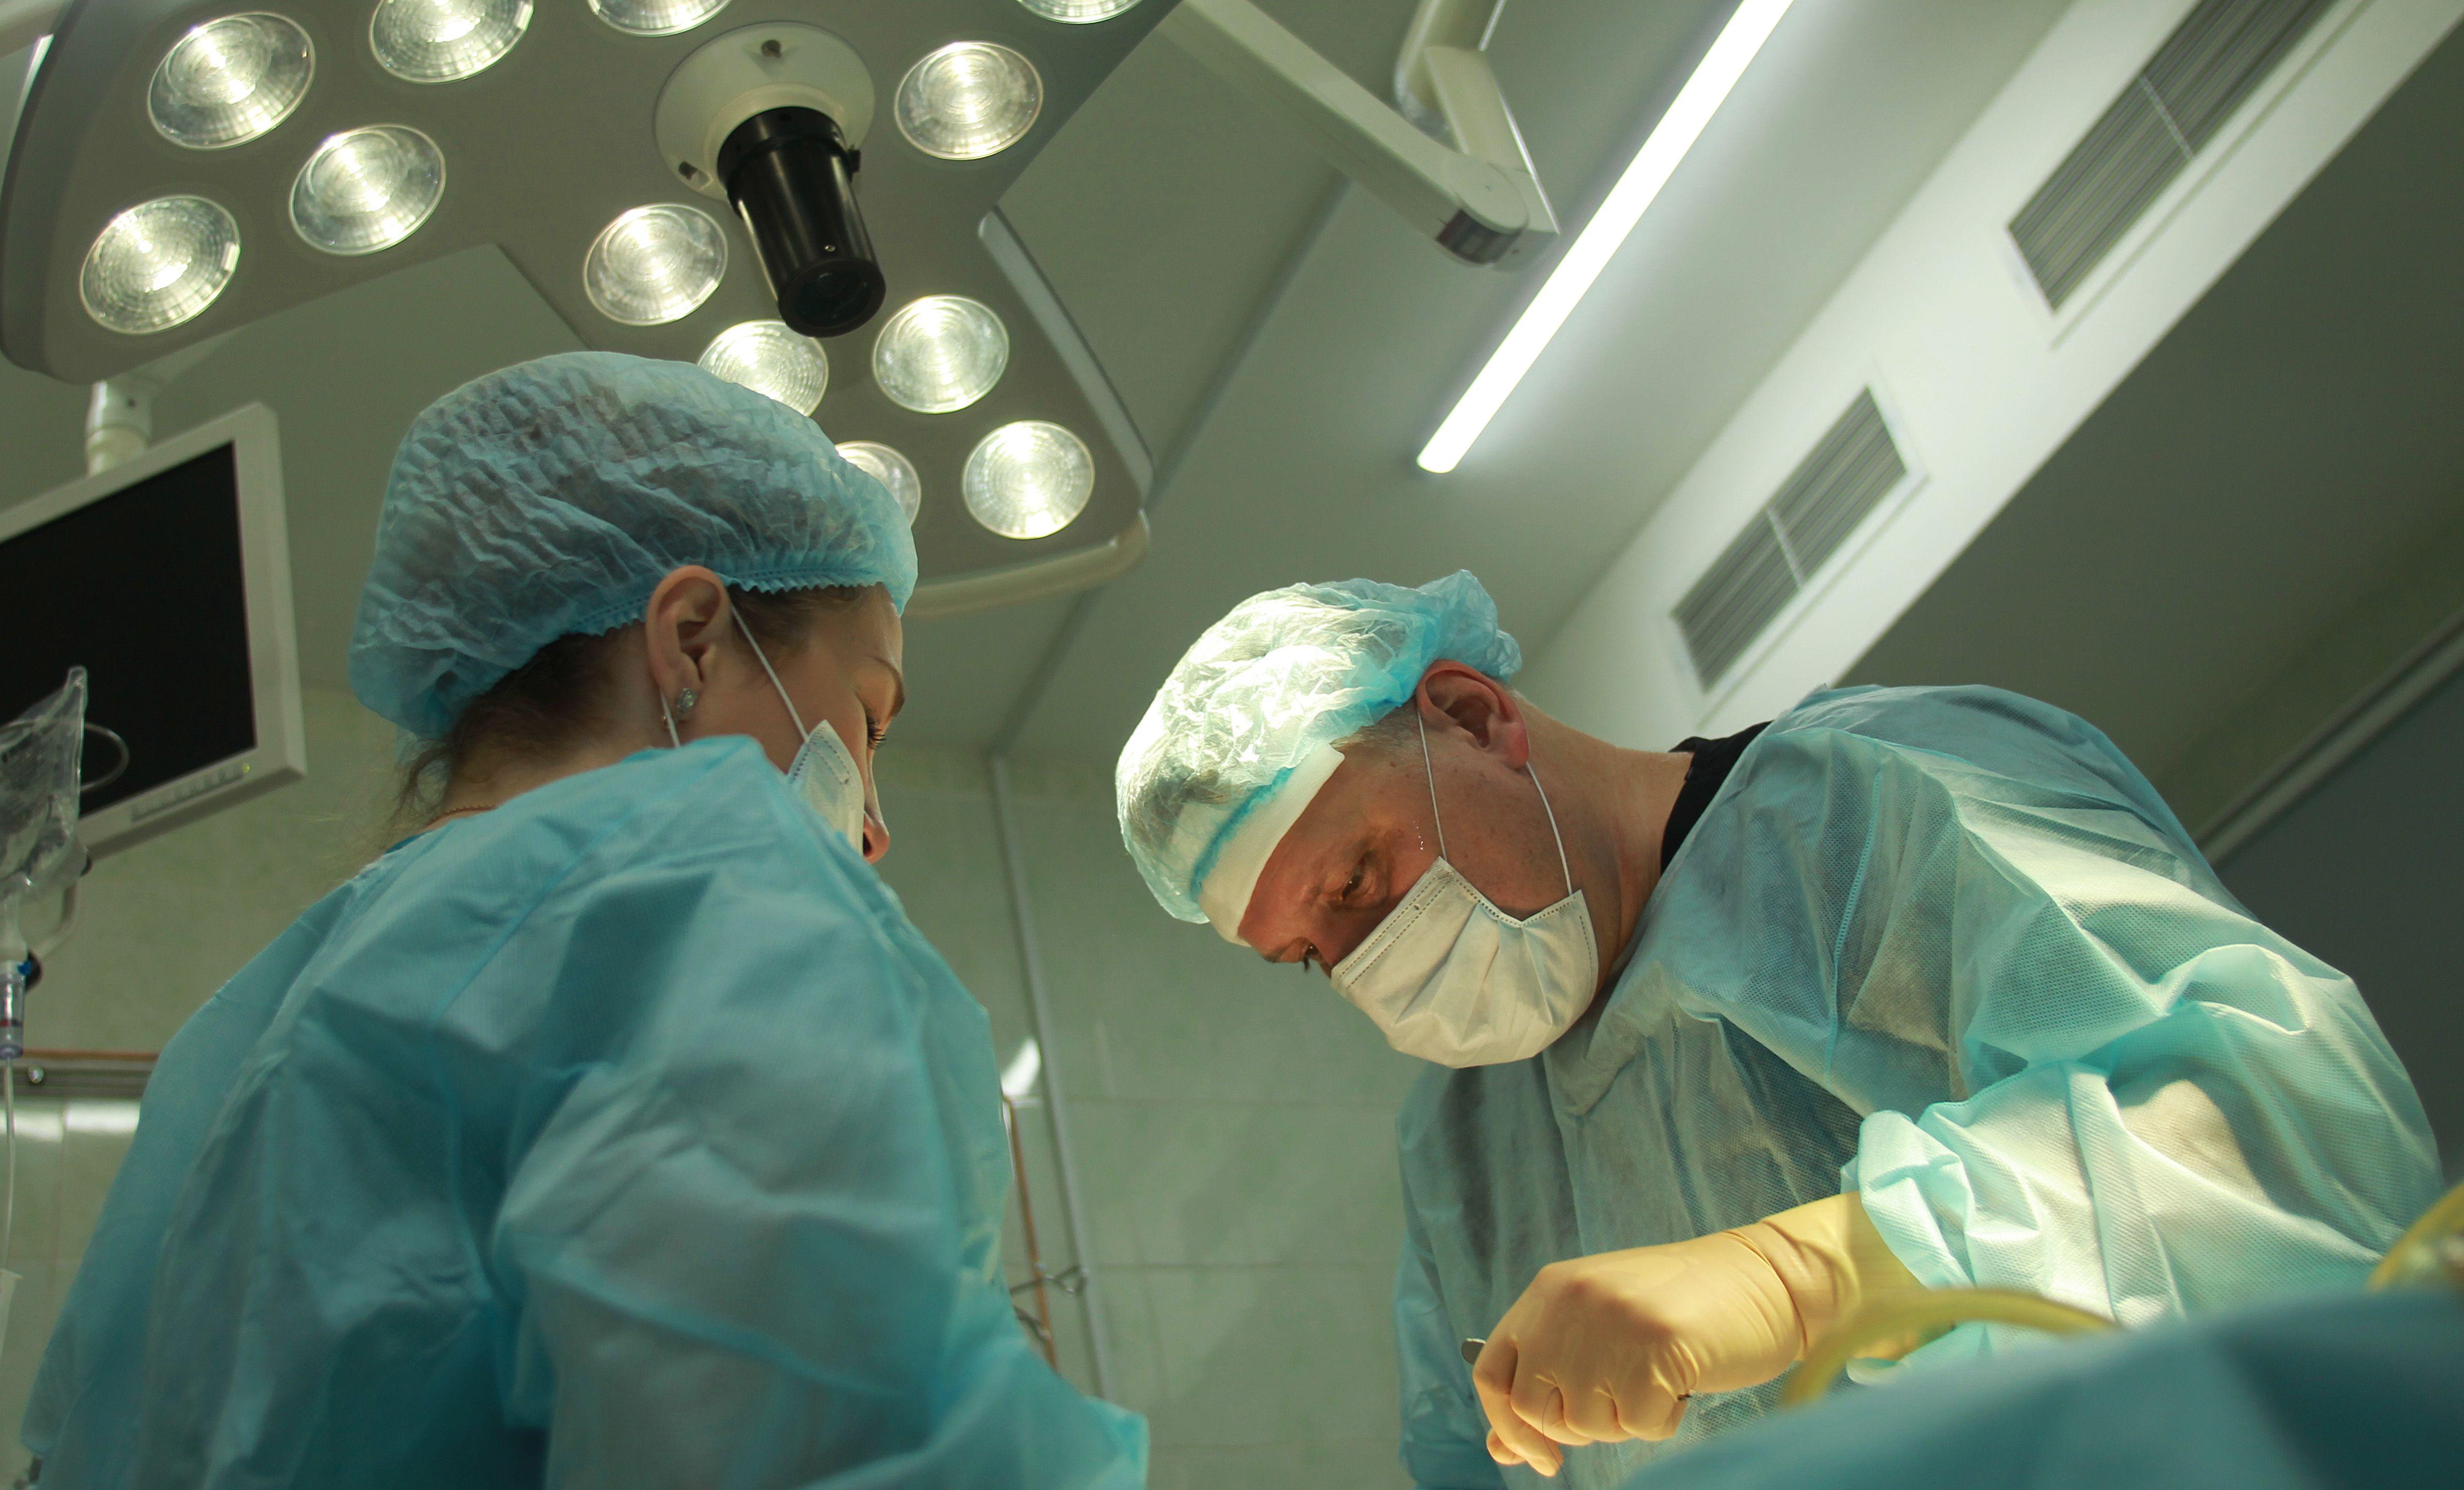 Средство ускорят восстановление поврежденных тканей. Фото: Наталия Нечаева